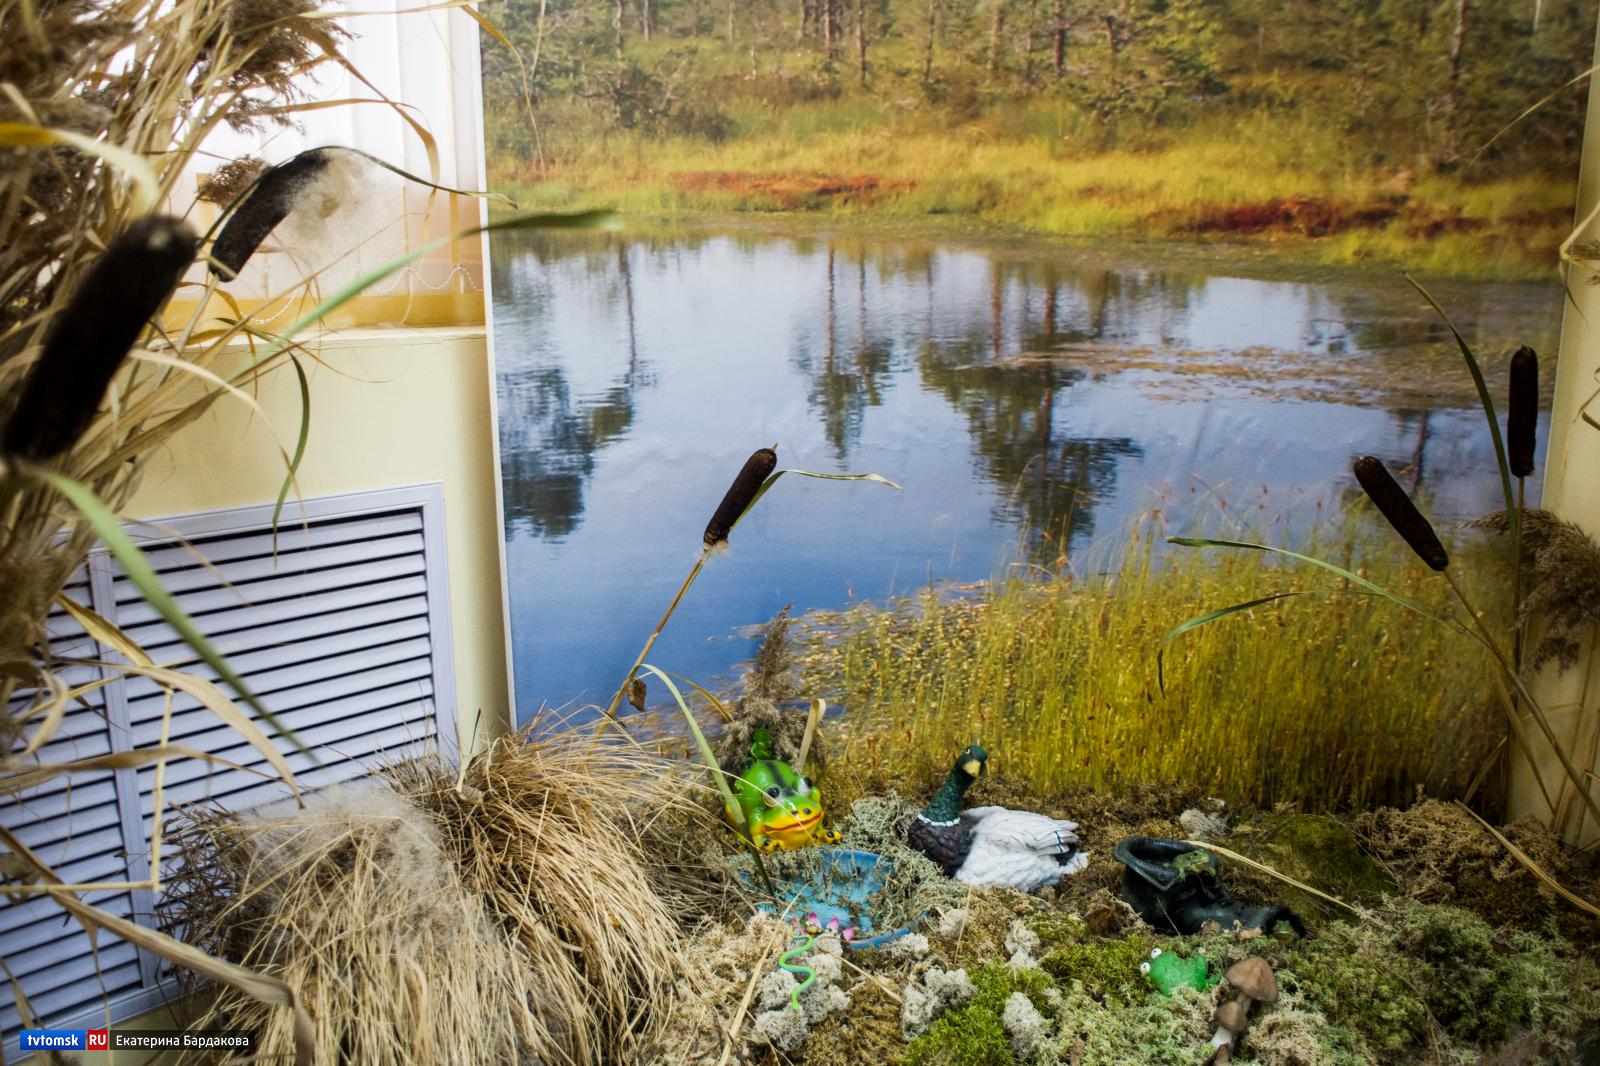 где болота занимают самую большую площадь срок возврата займа определен моментом востребования